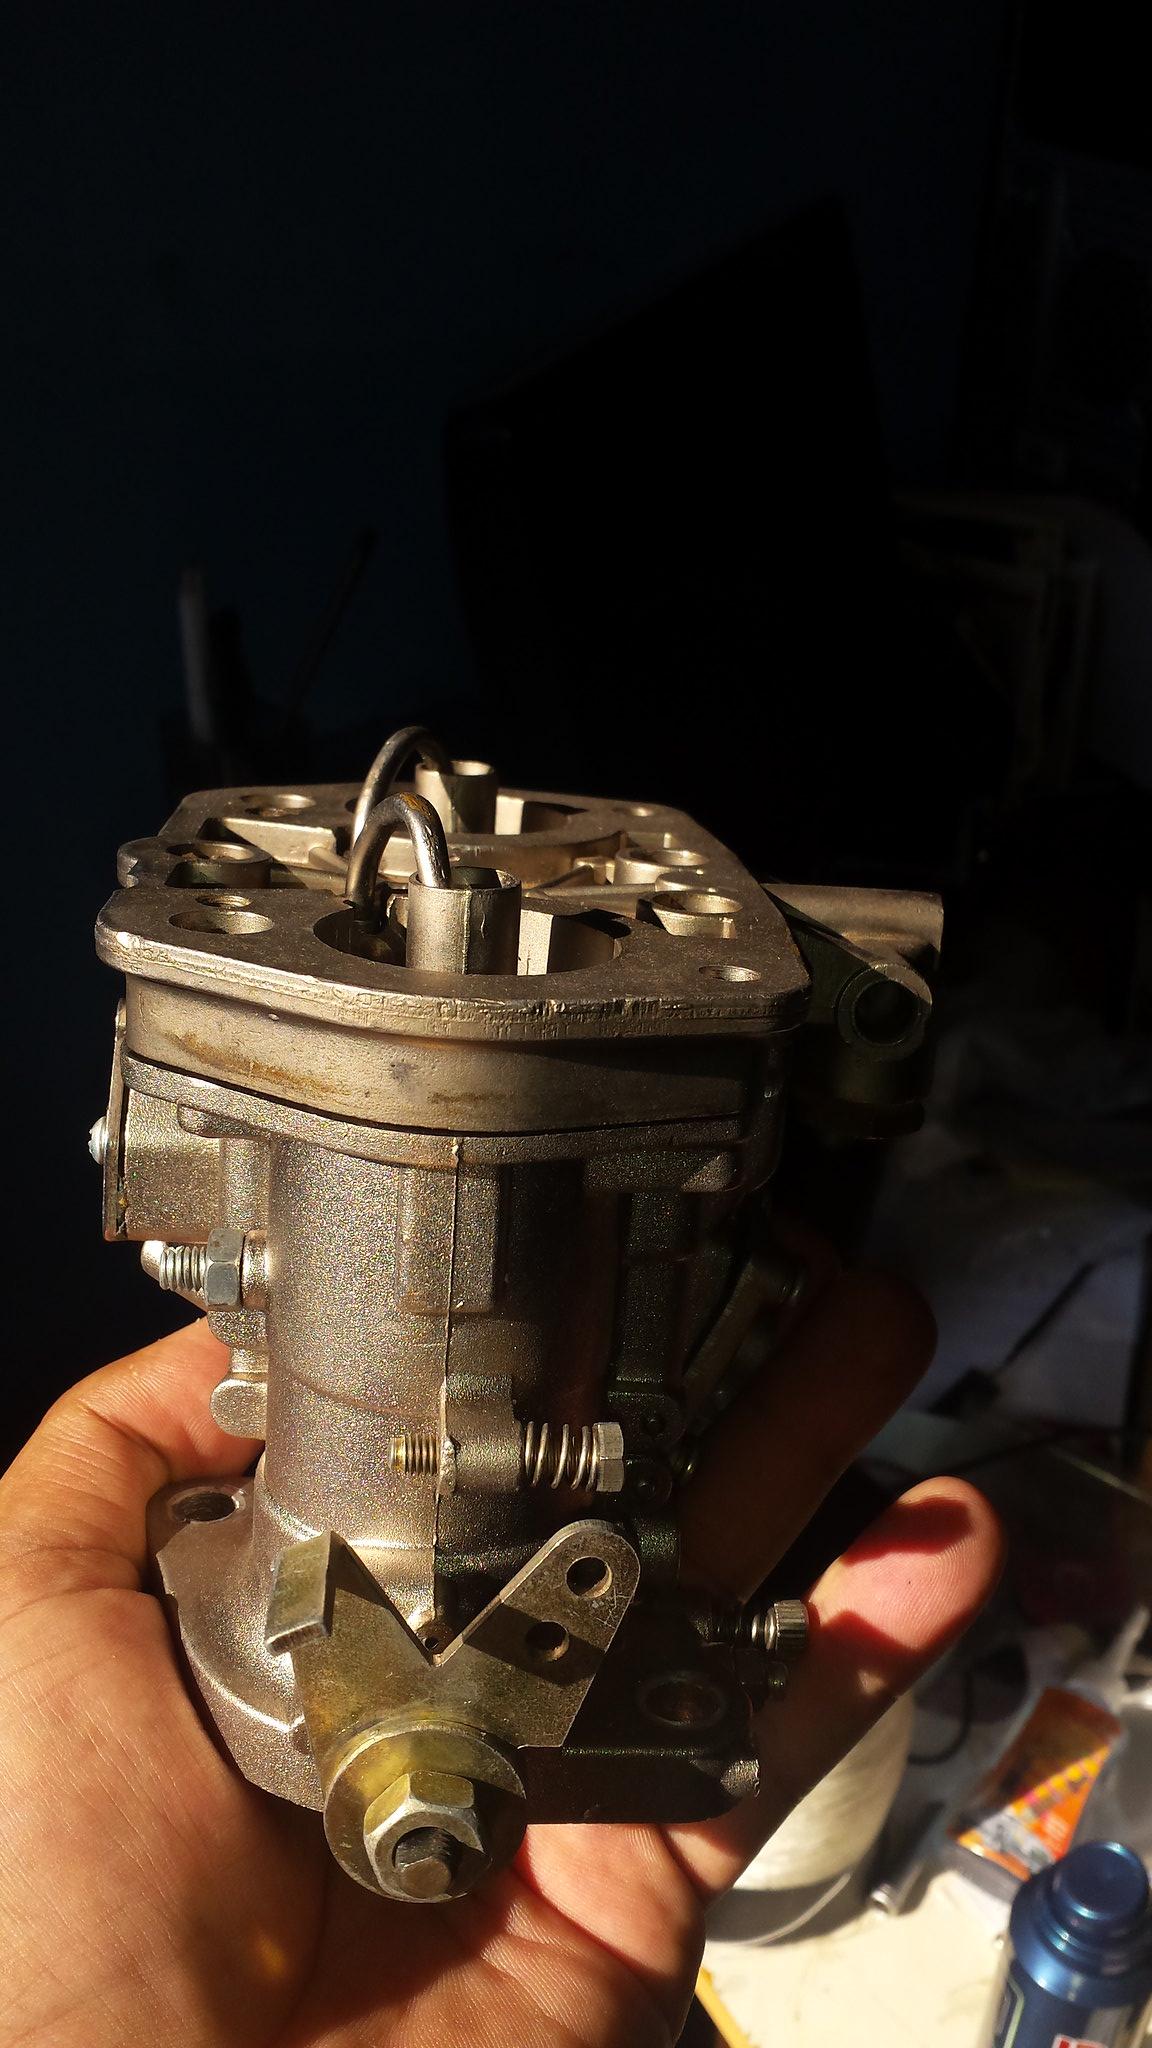 Turbo - Preparação para o Diplomata 88 4 cilindros turbo  32738305174_cd125b25ff_k